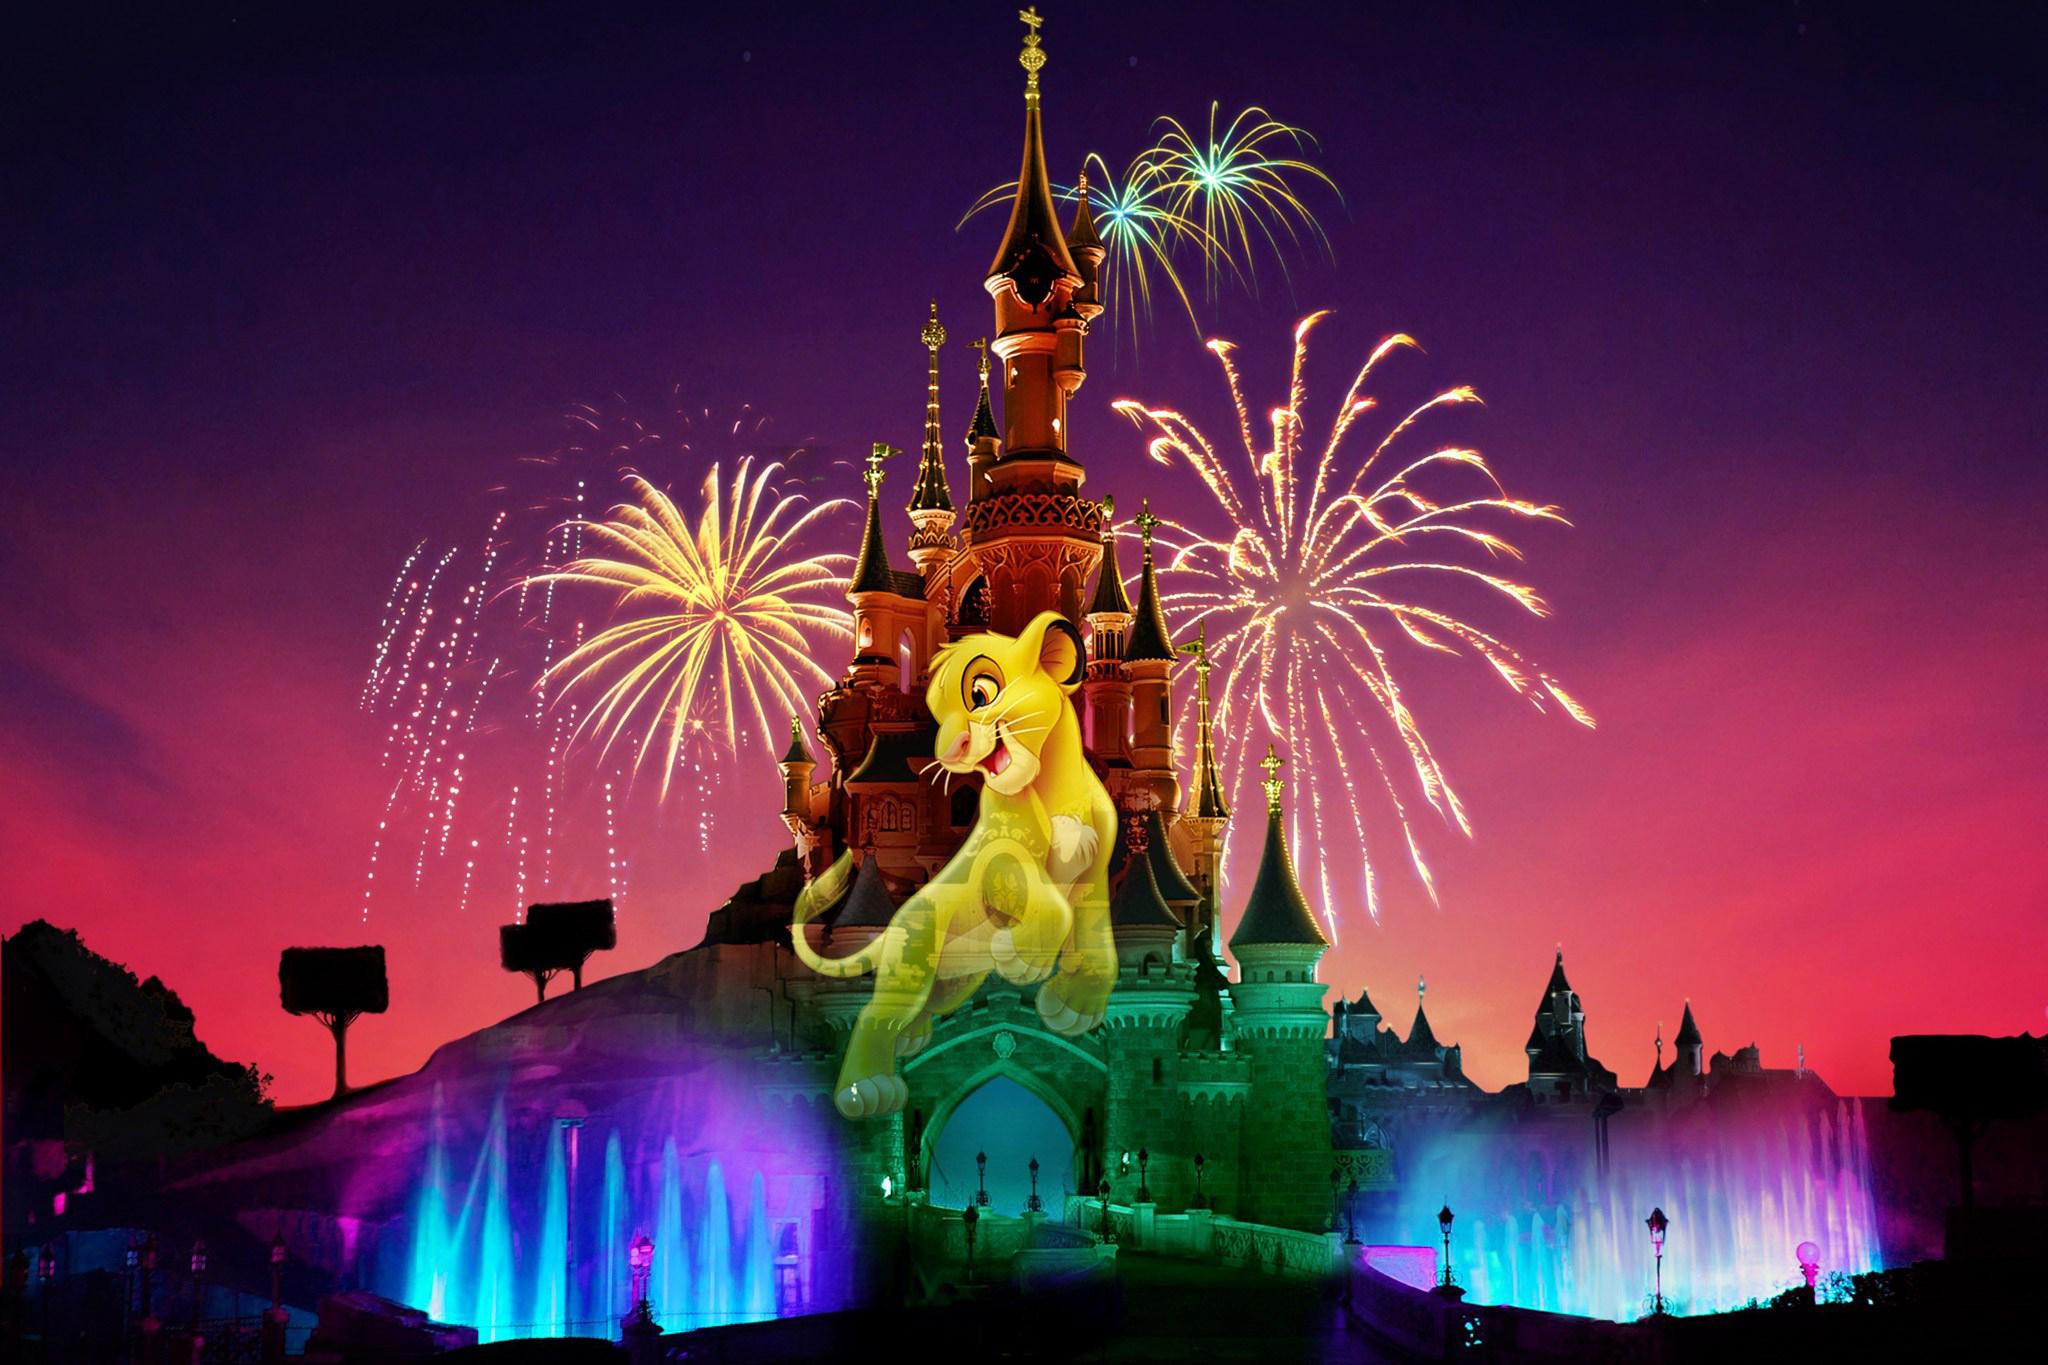 Nouveau spectacle disney illuminations pour les 25ans du parc - Illumination paris 2014 ...